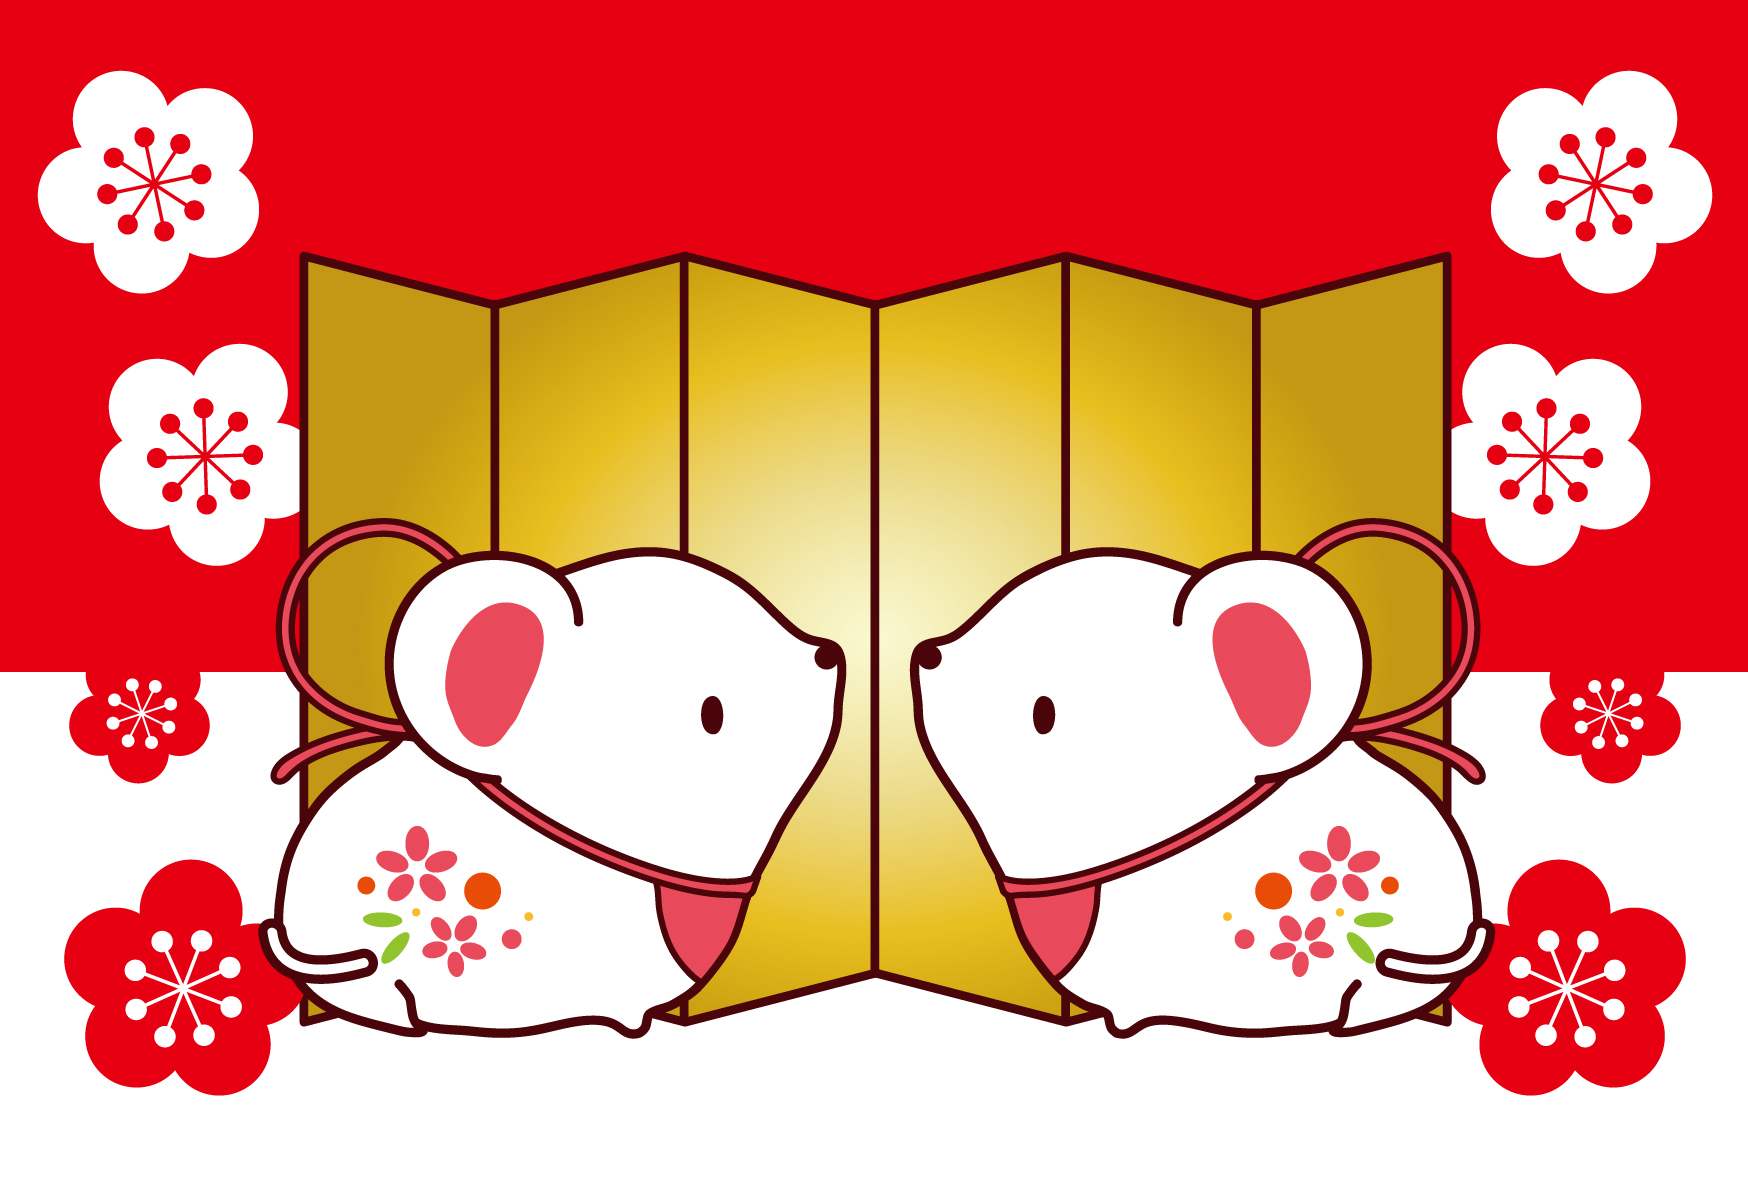 縁起がいい金屏風と紅白ねずみ無料イラスト年賀状素材